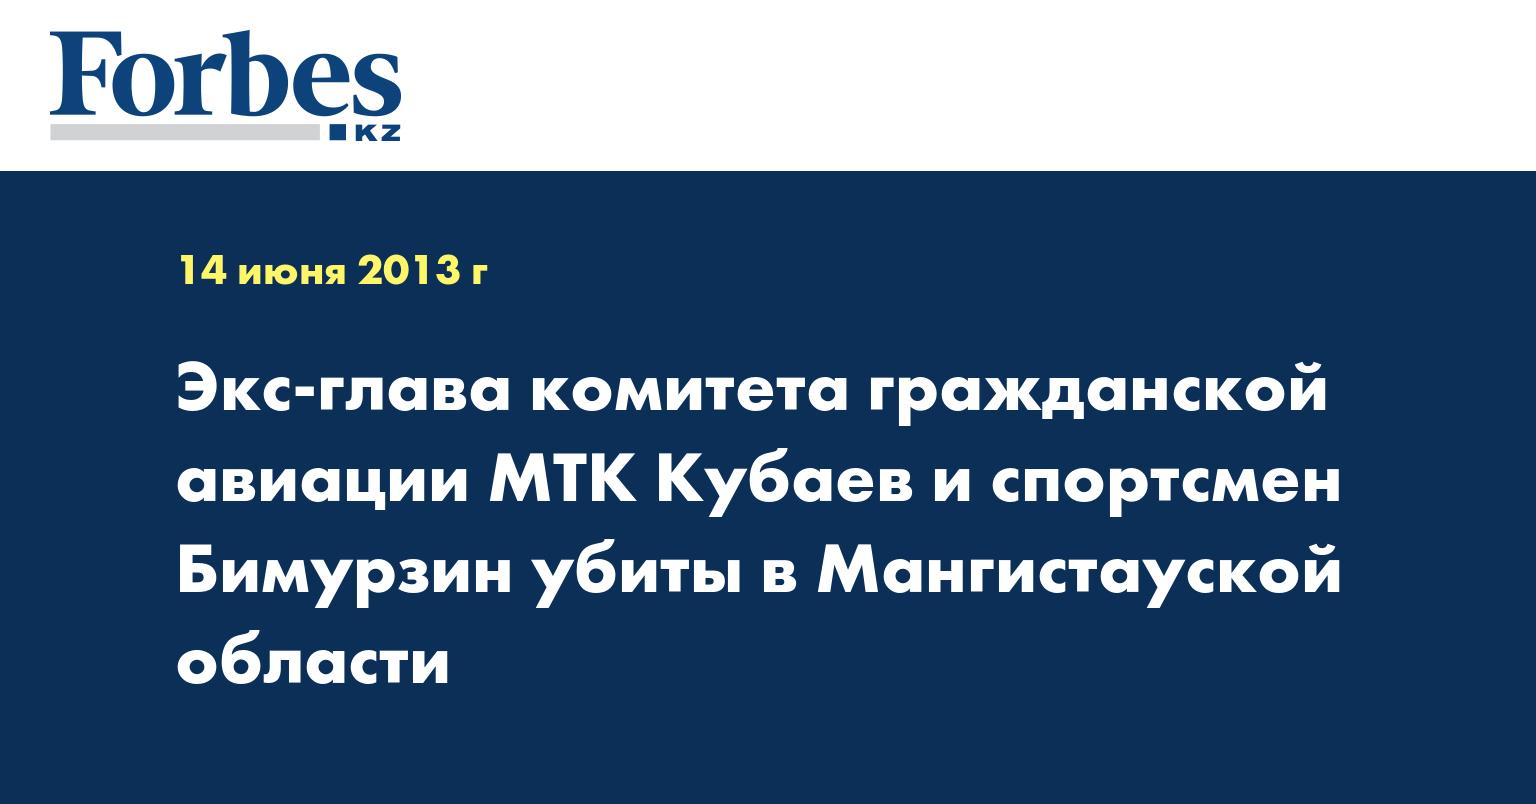 Экс-глава комитета гражданской авиации МТК Кубаев и спортсмен Бимурзин убиты в Мангистауской области